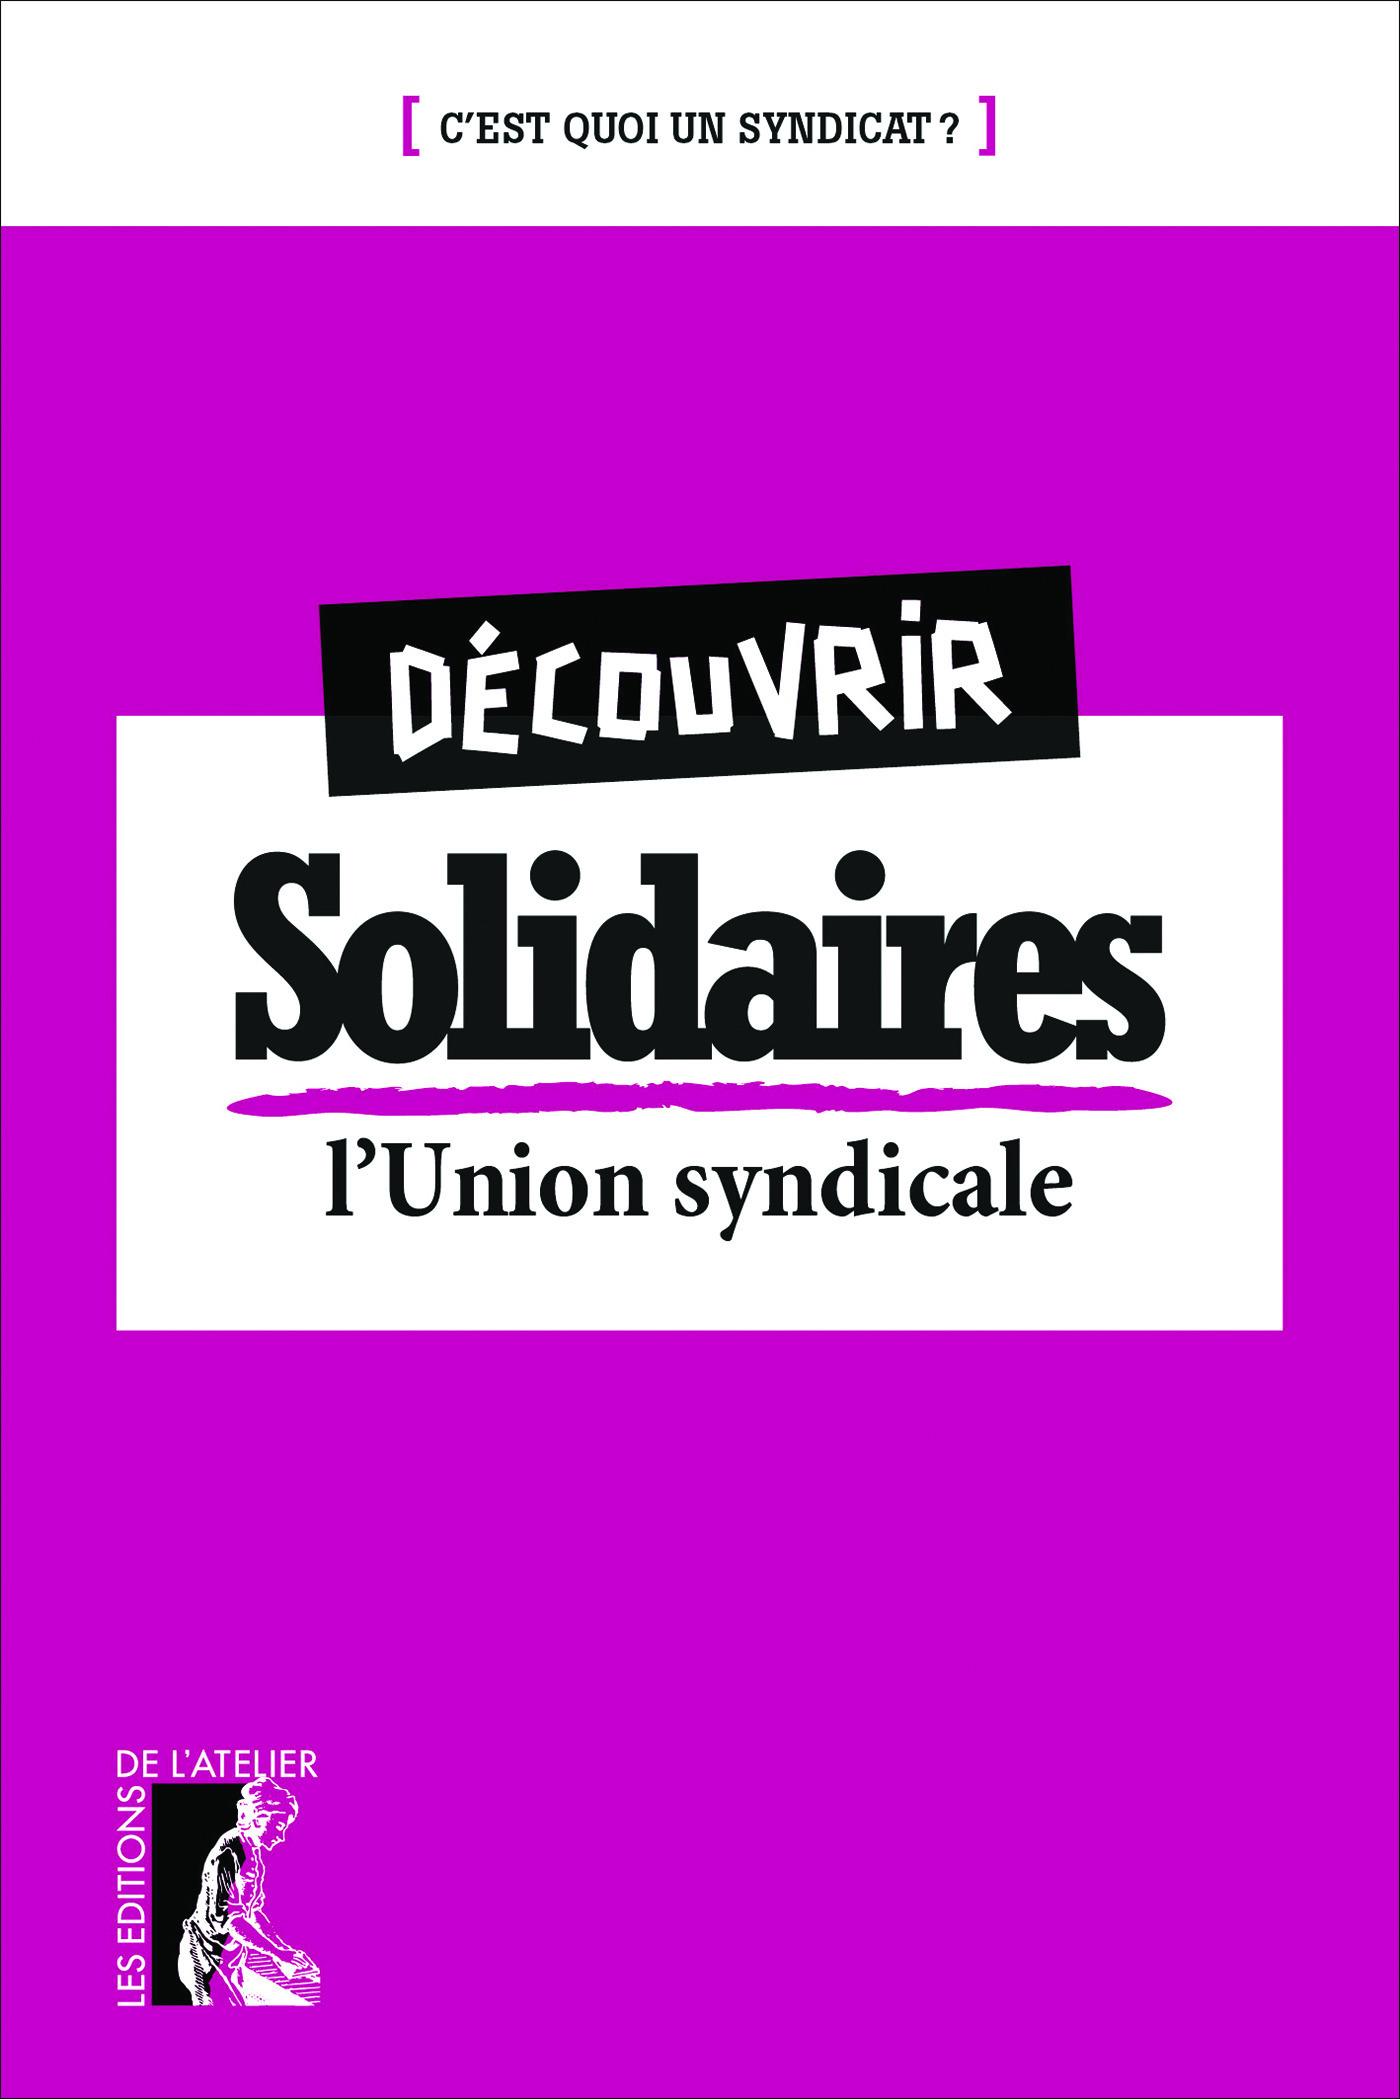 Découvrir le syndicat solidaires